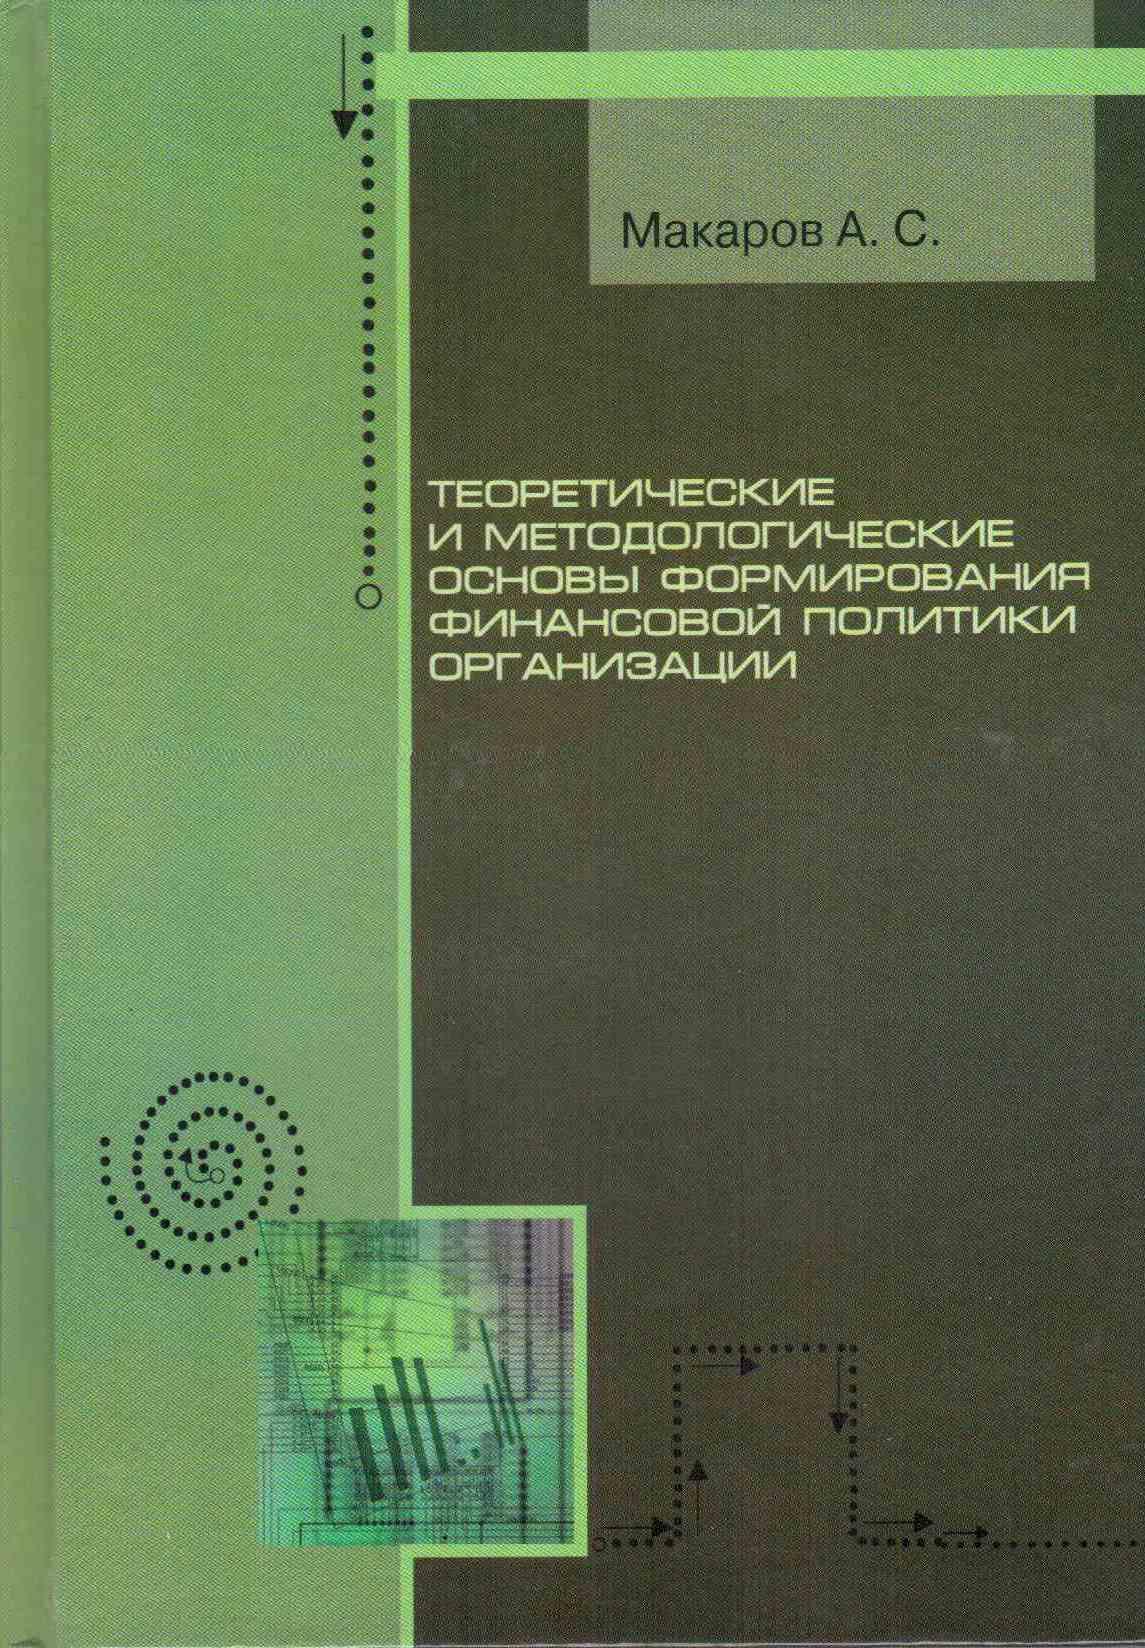 book fit in organik das prüfungstraining für mediziner